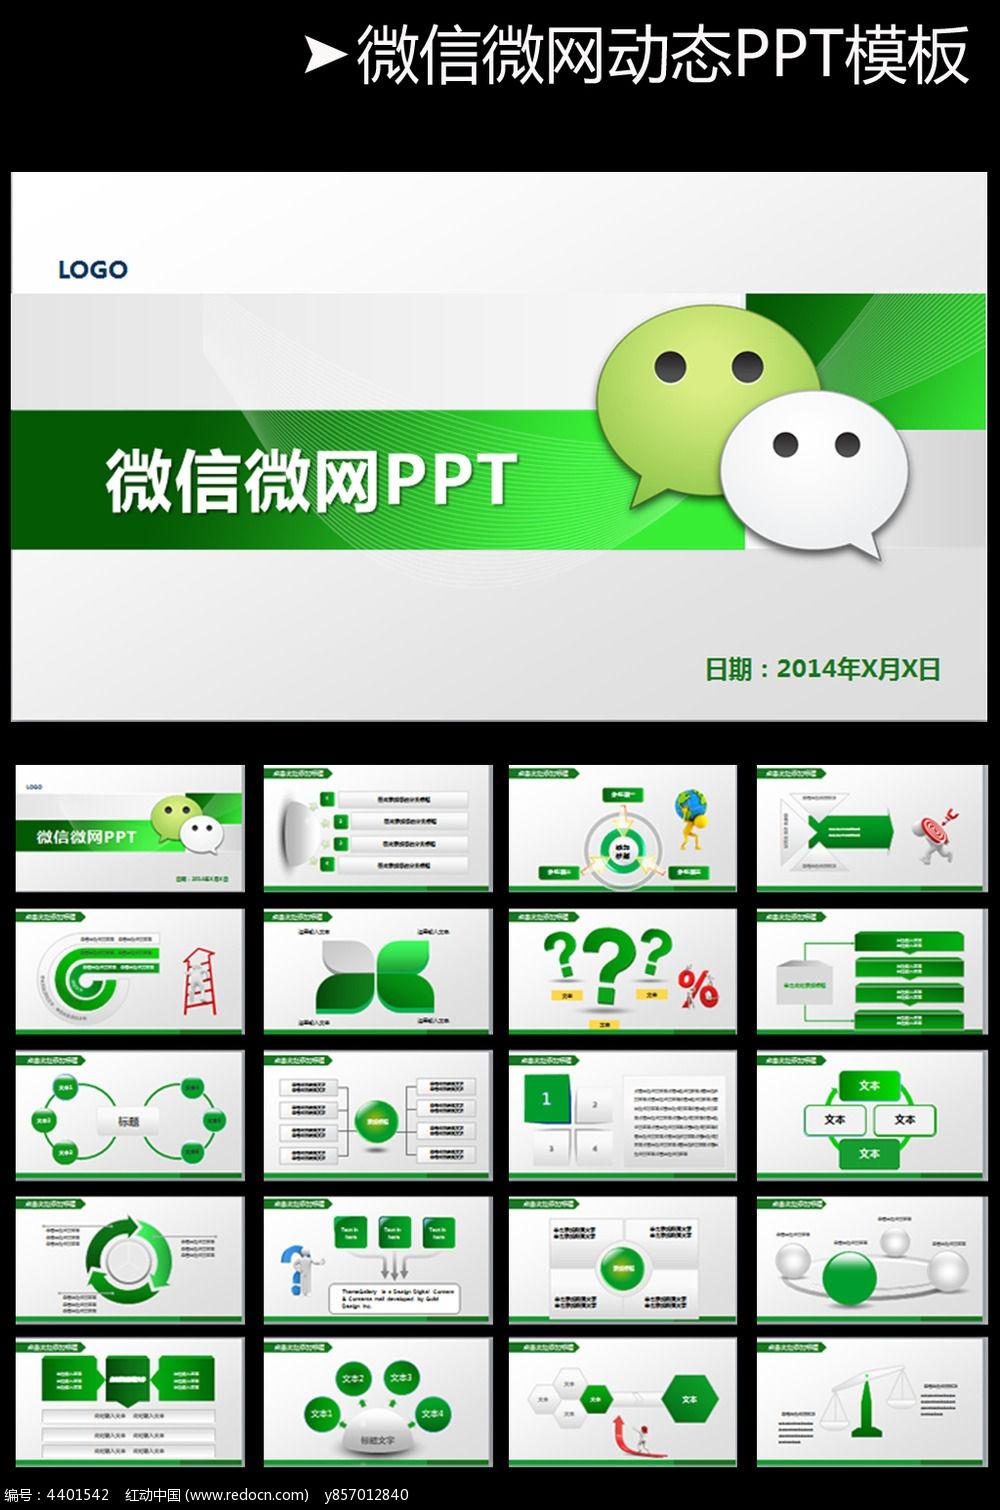 微信公众平台培训课件ppt模板pptx素材下载_其他ppt